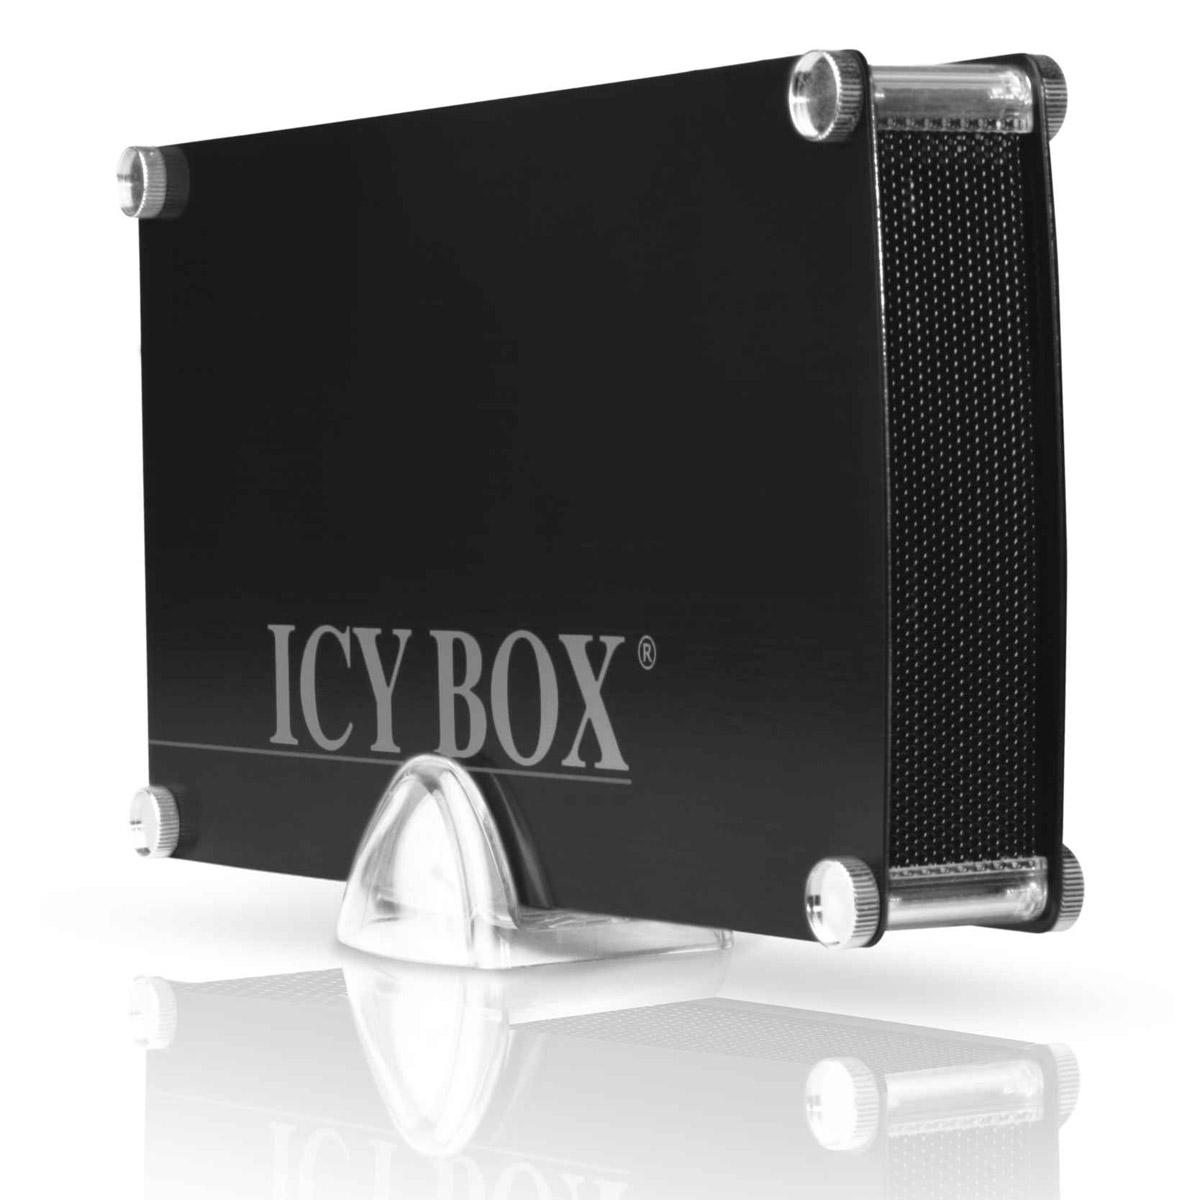 """Boîtier disque dur ICY BOX IB-351StU3-B ICY BOX IB-351StU3-B - Boîtier externe 3""""1/2 sur port USB 3.0 (coloris noir)"""